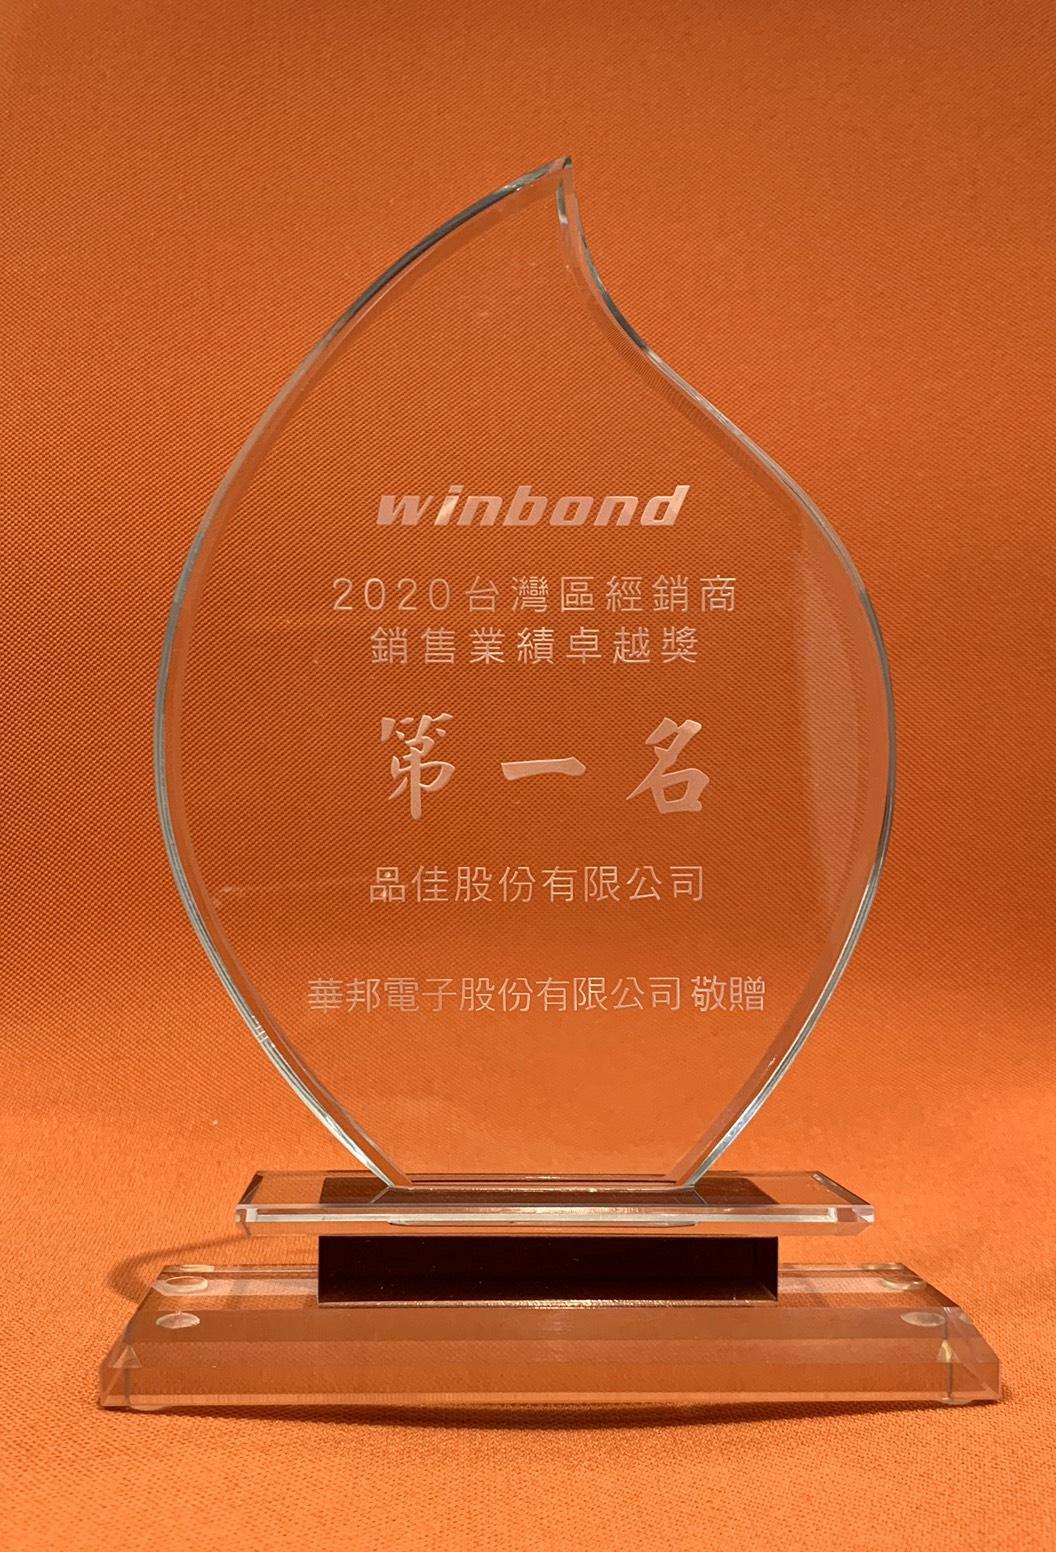 2020台灣區經銷商銷售業績卓越獎-第一名